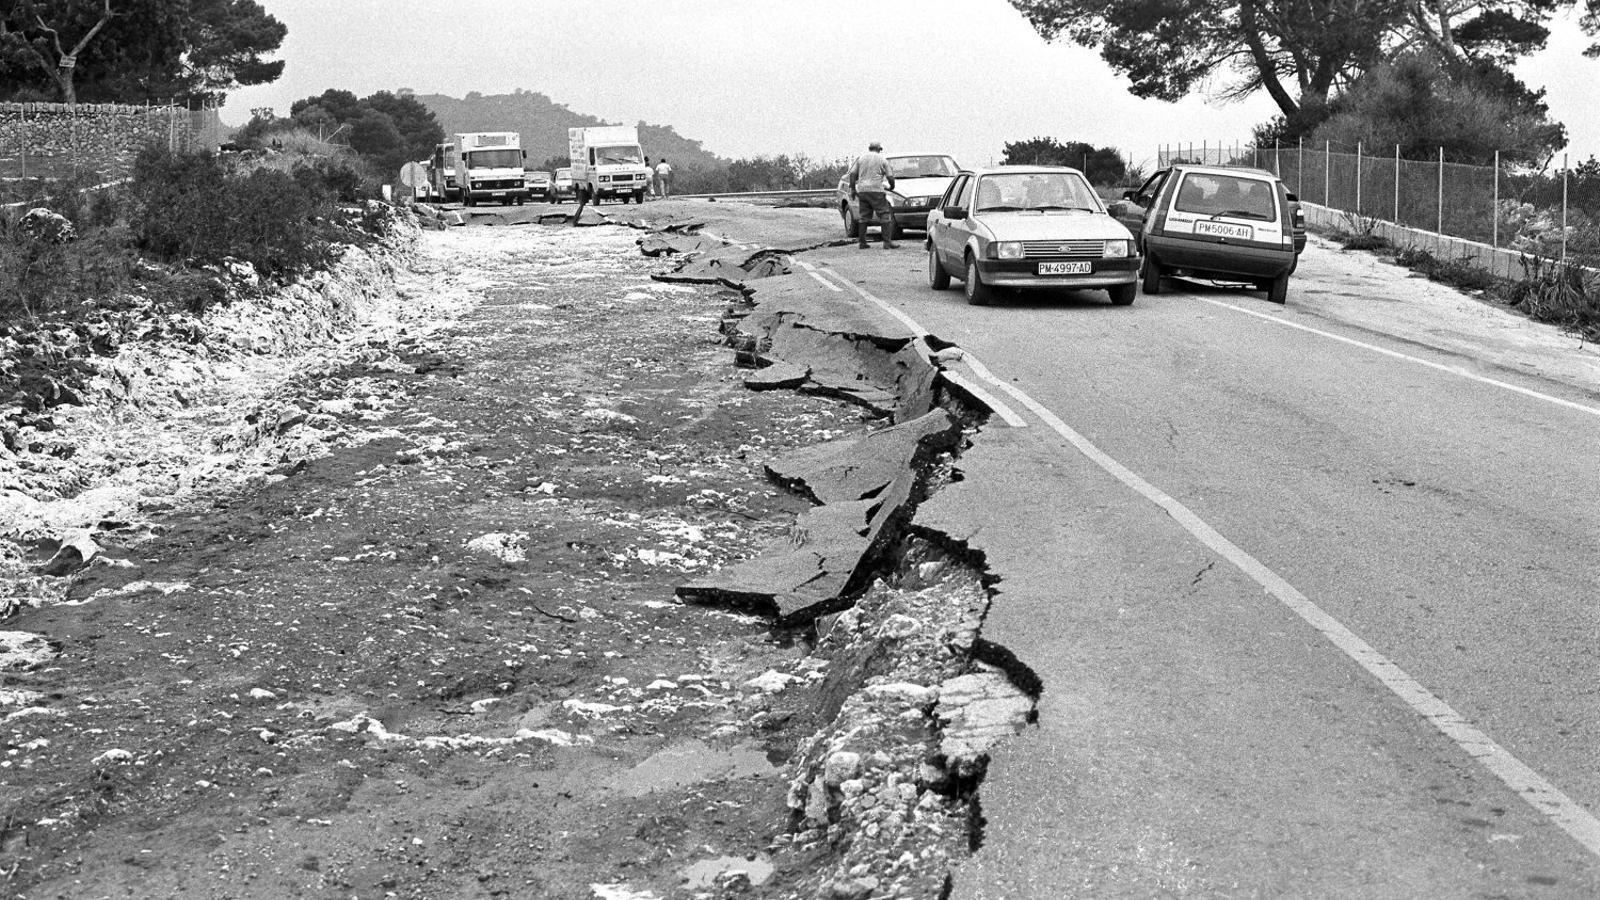 Les destrosses a la carretera dels aiguats del 1989 a Portocolom.